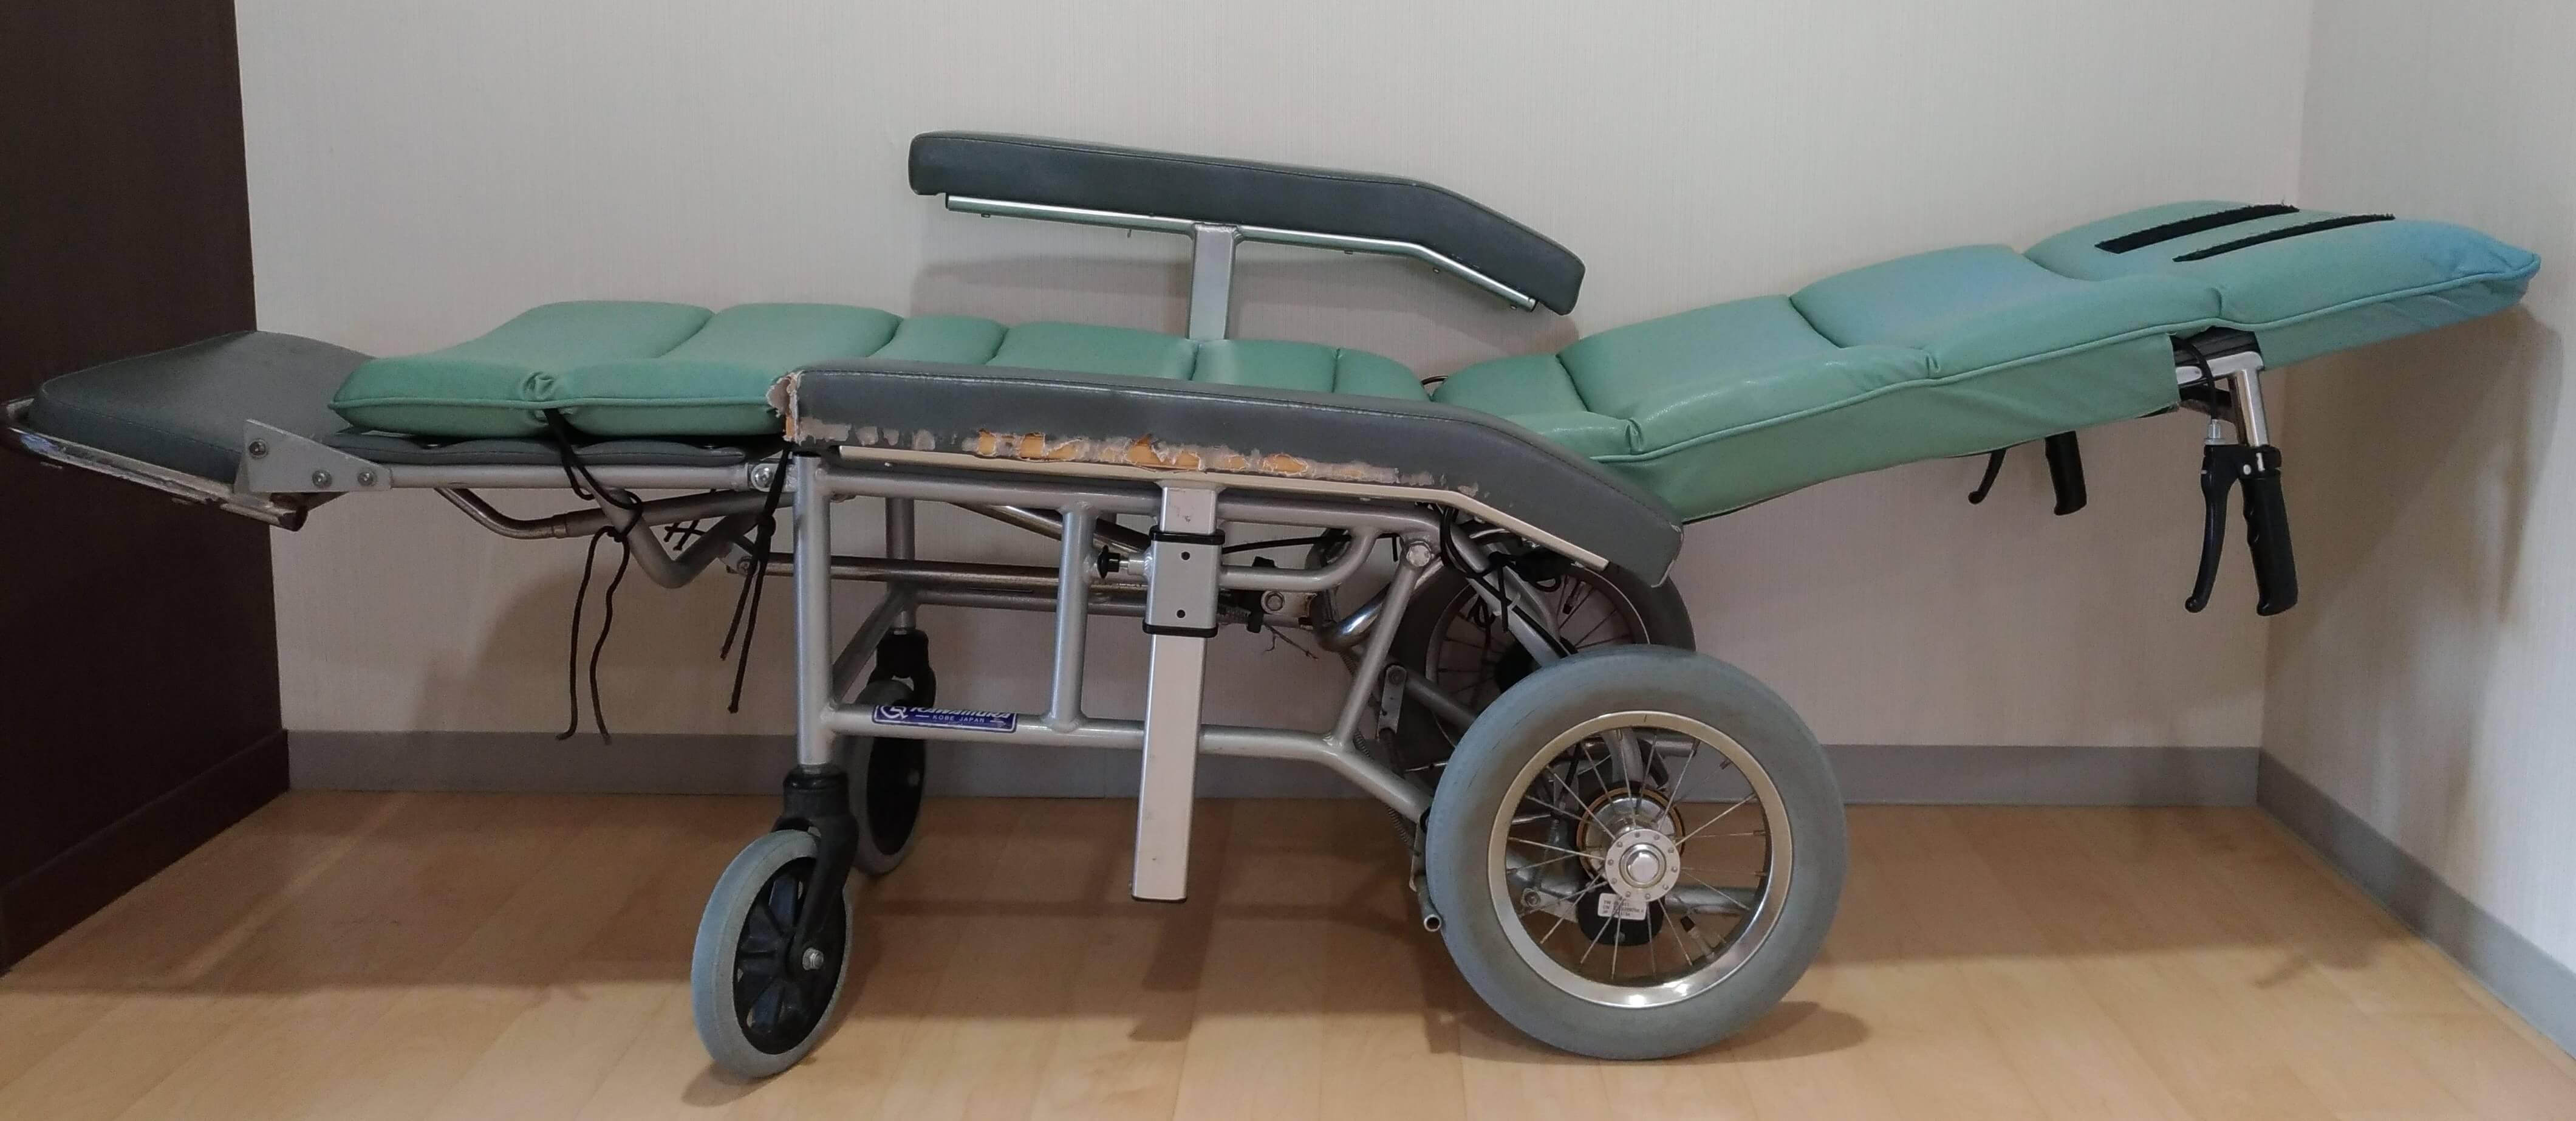 リクライニング 車椅子 種類 特徴 デメリット